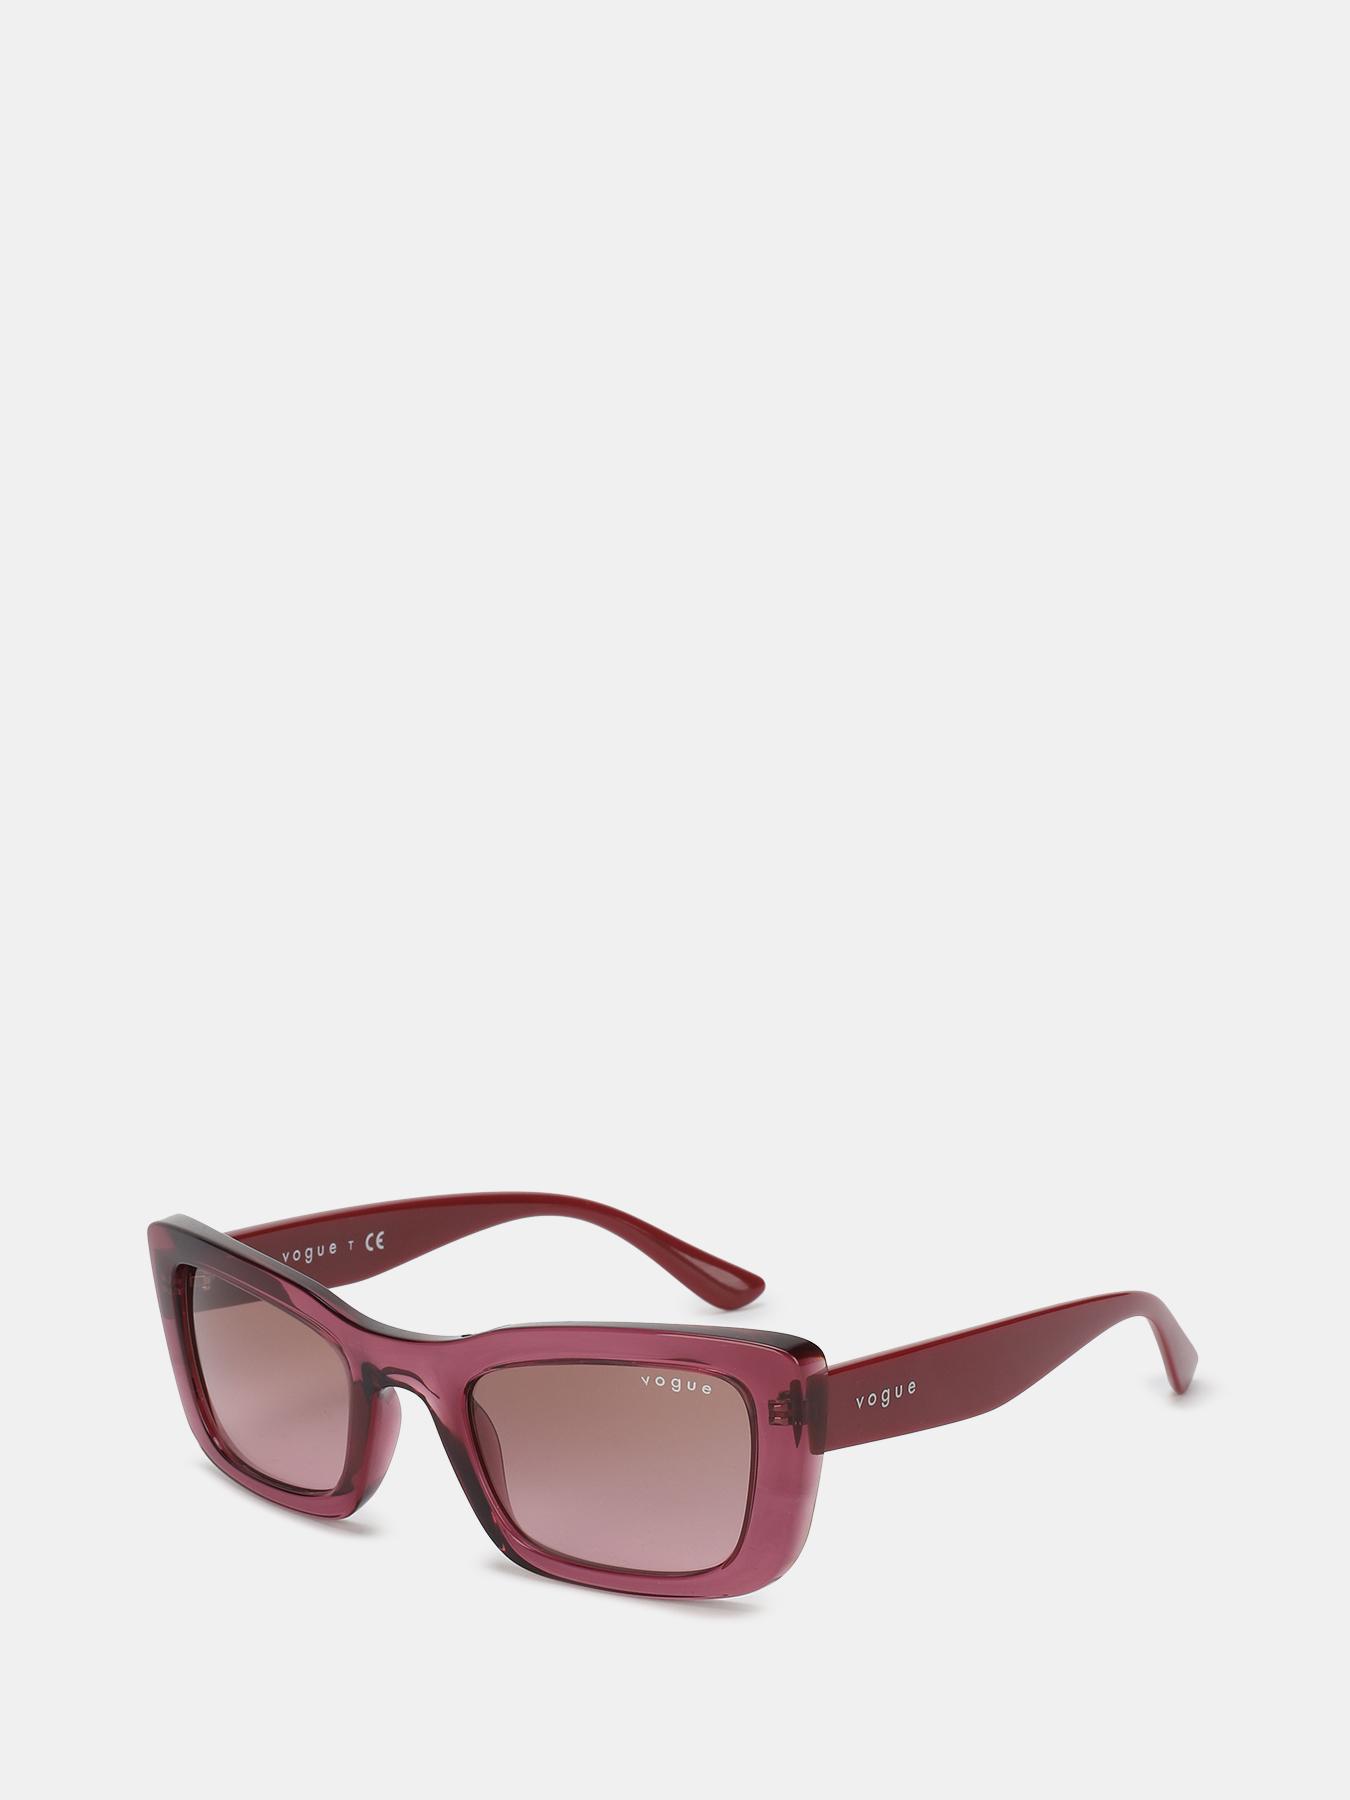 Очки VOGUE Солнцезащитные очки очки солнцезащитные oodji oodji oo001dwlxd27